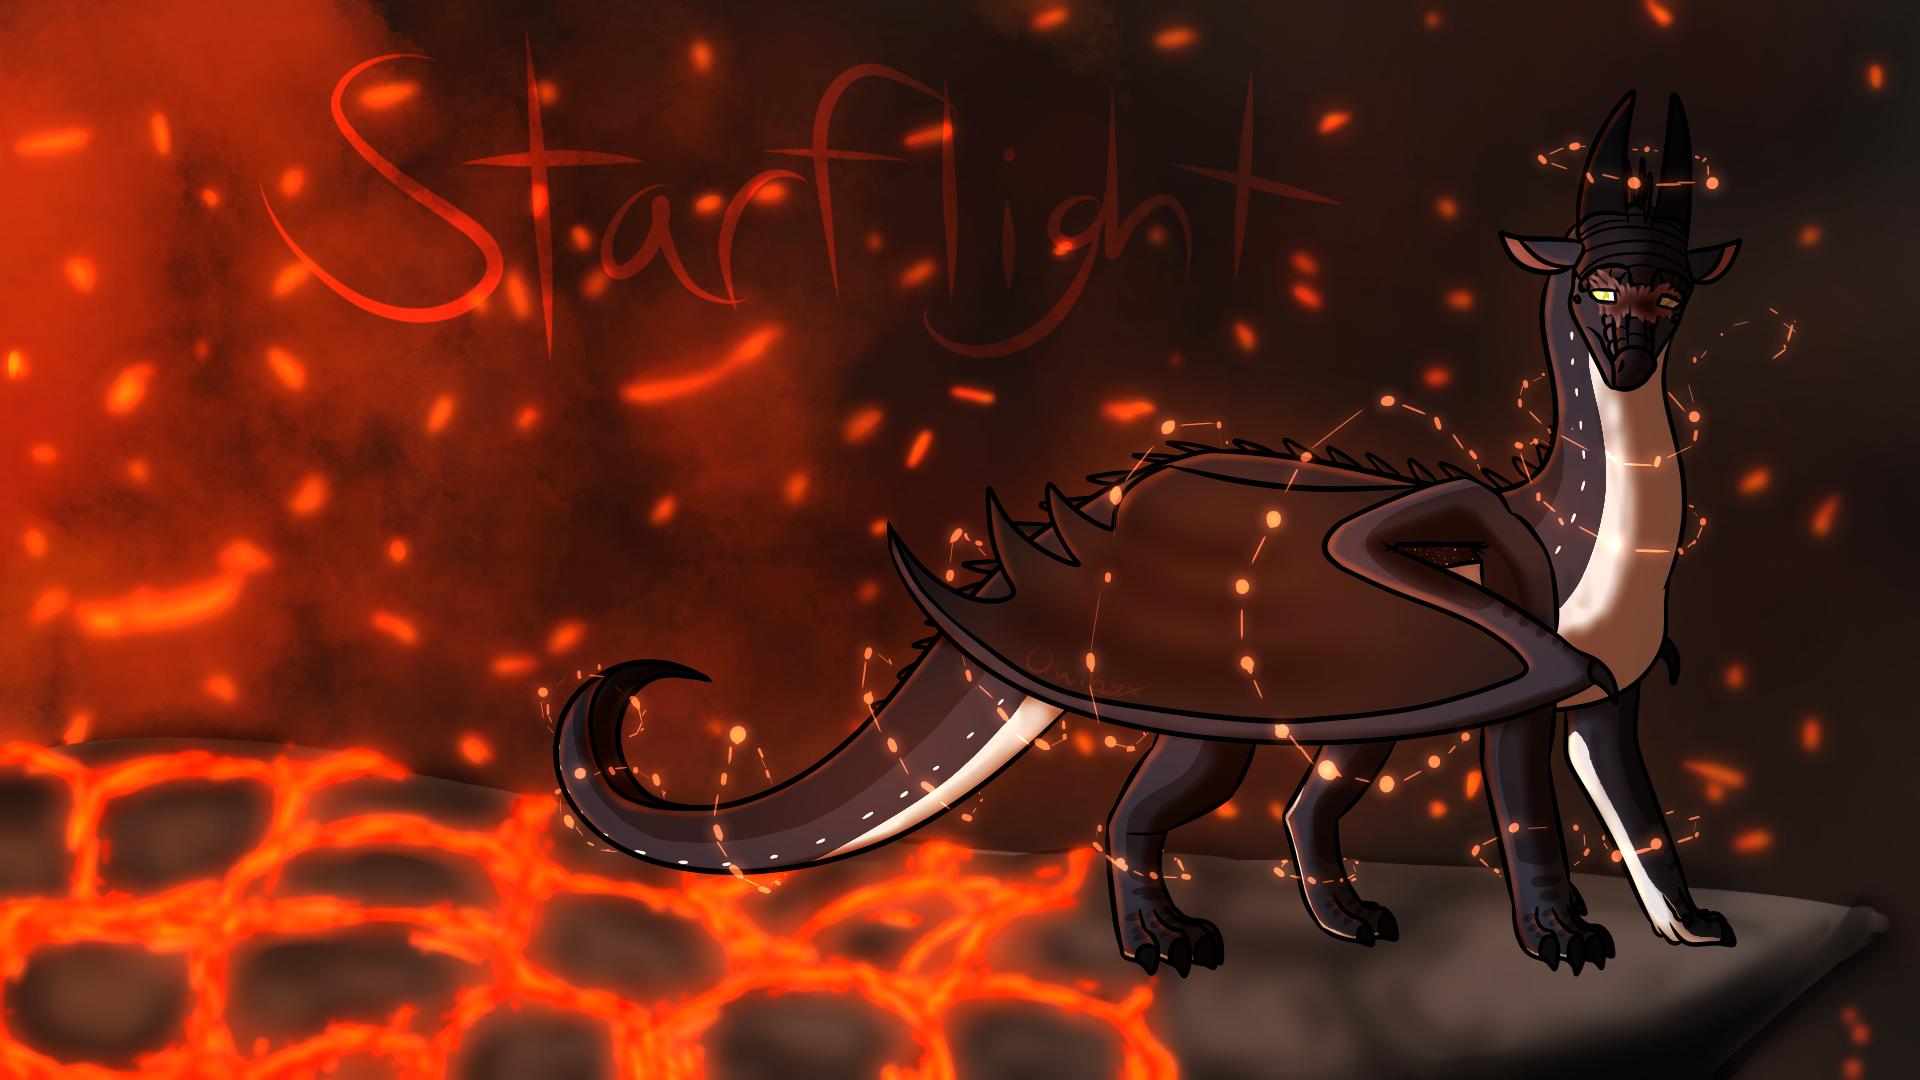 Starflight Wallpaper Wings Of Fire By Owibyx On Deviantart